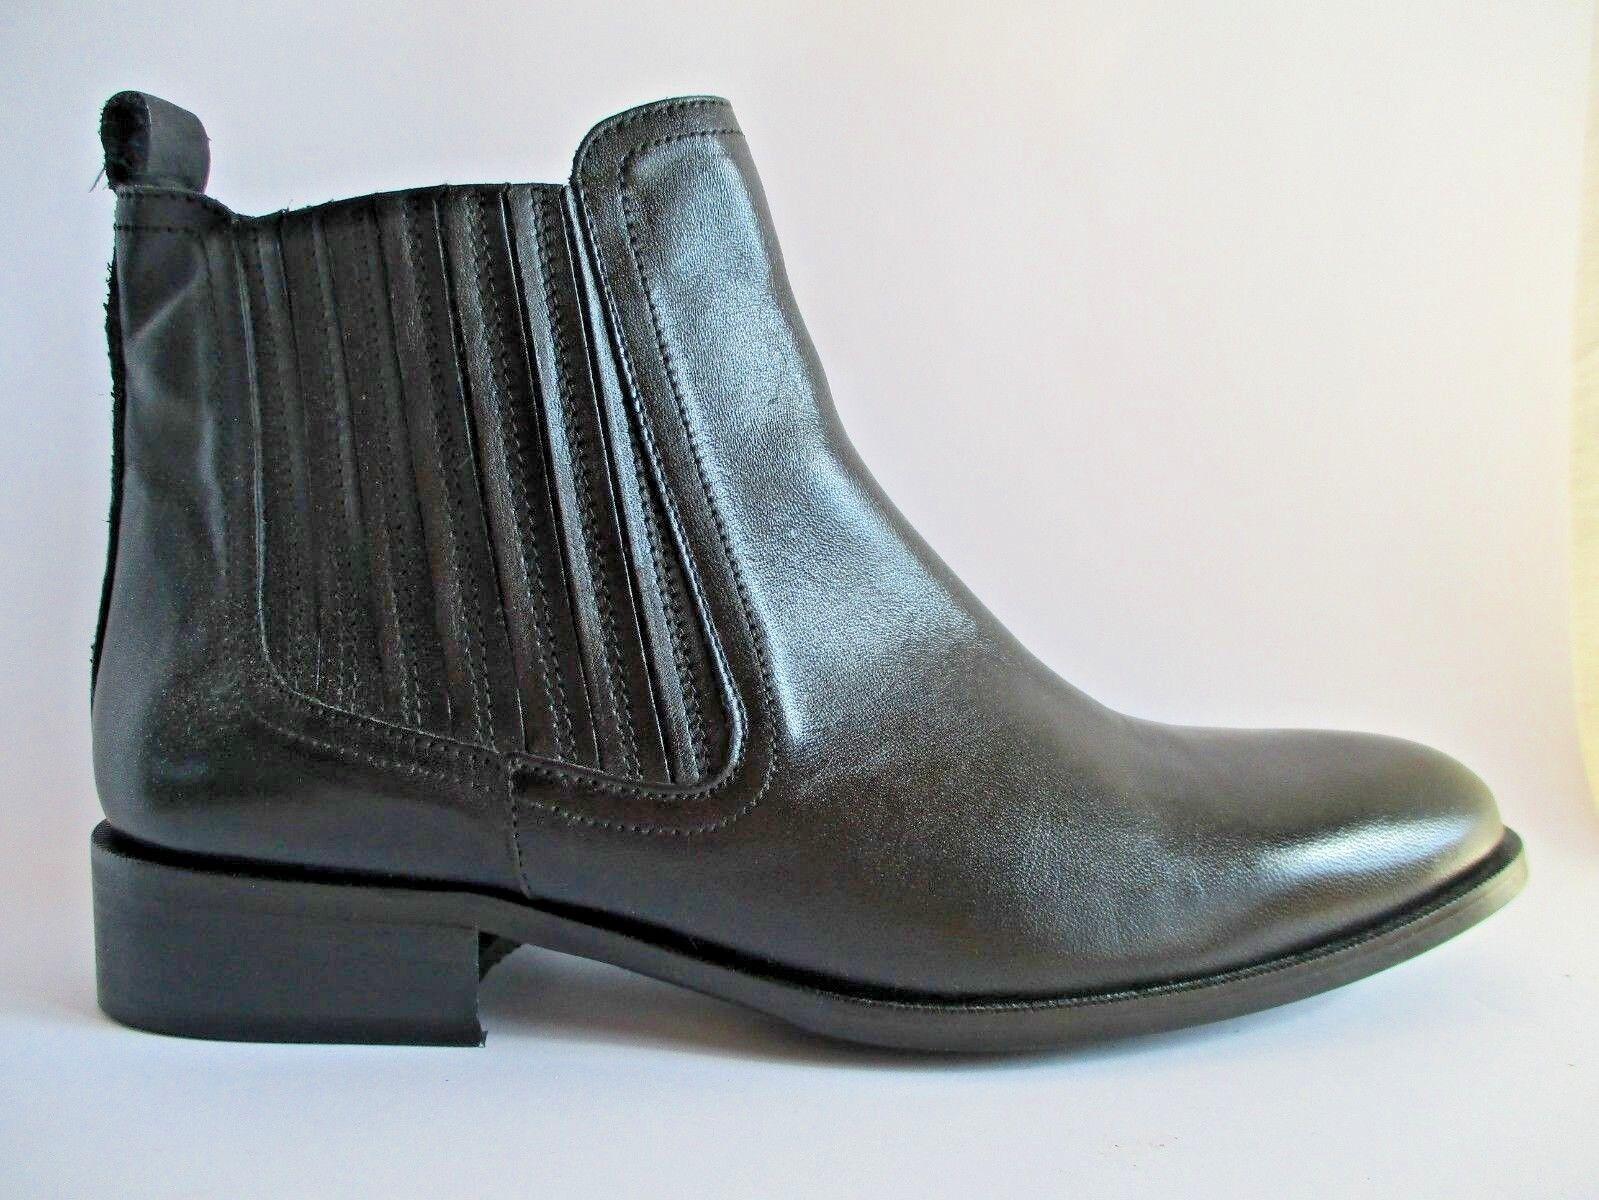 ZIGN Klassische Halbschuhe Ankle Chelsea Boot Leder Schwarz Gr.42  C14